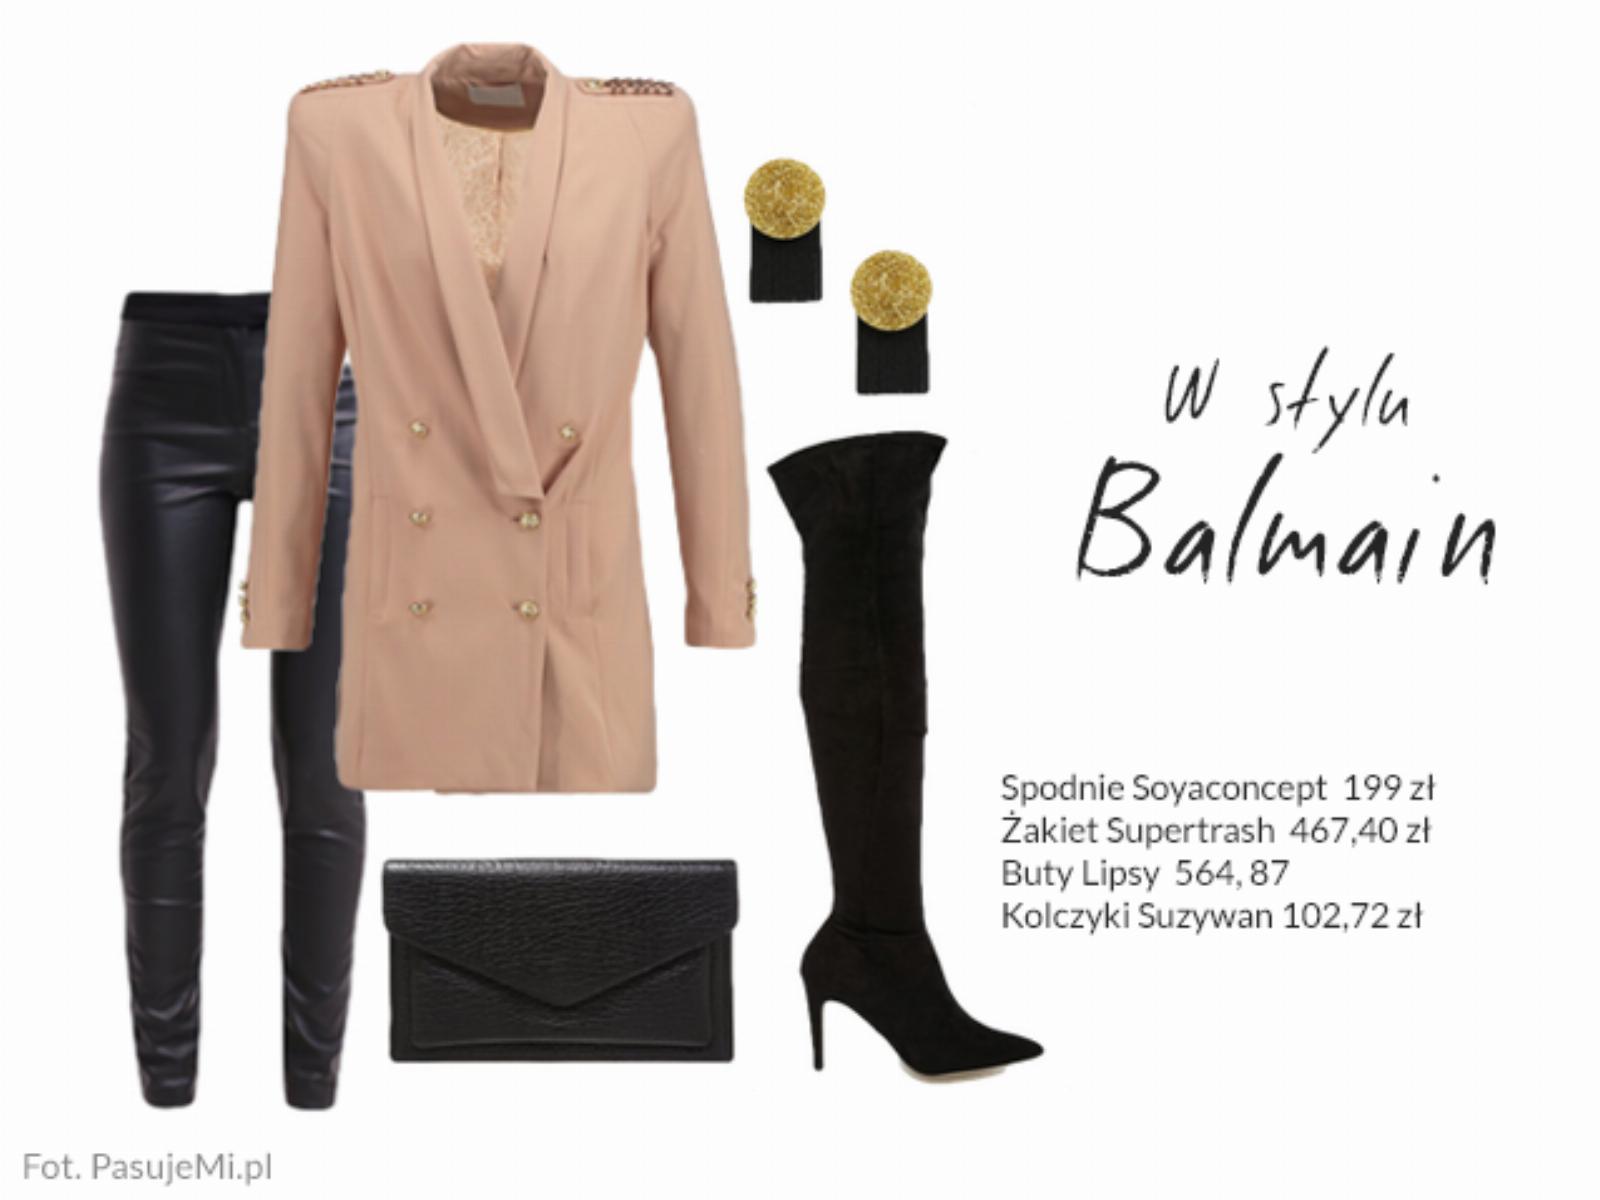 Stylizacje w stylu Balmain